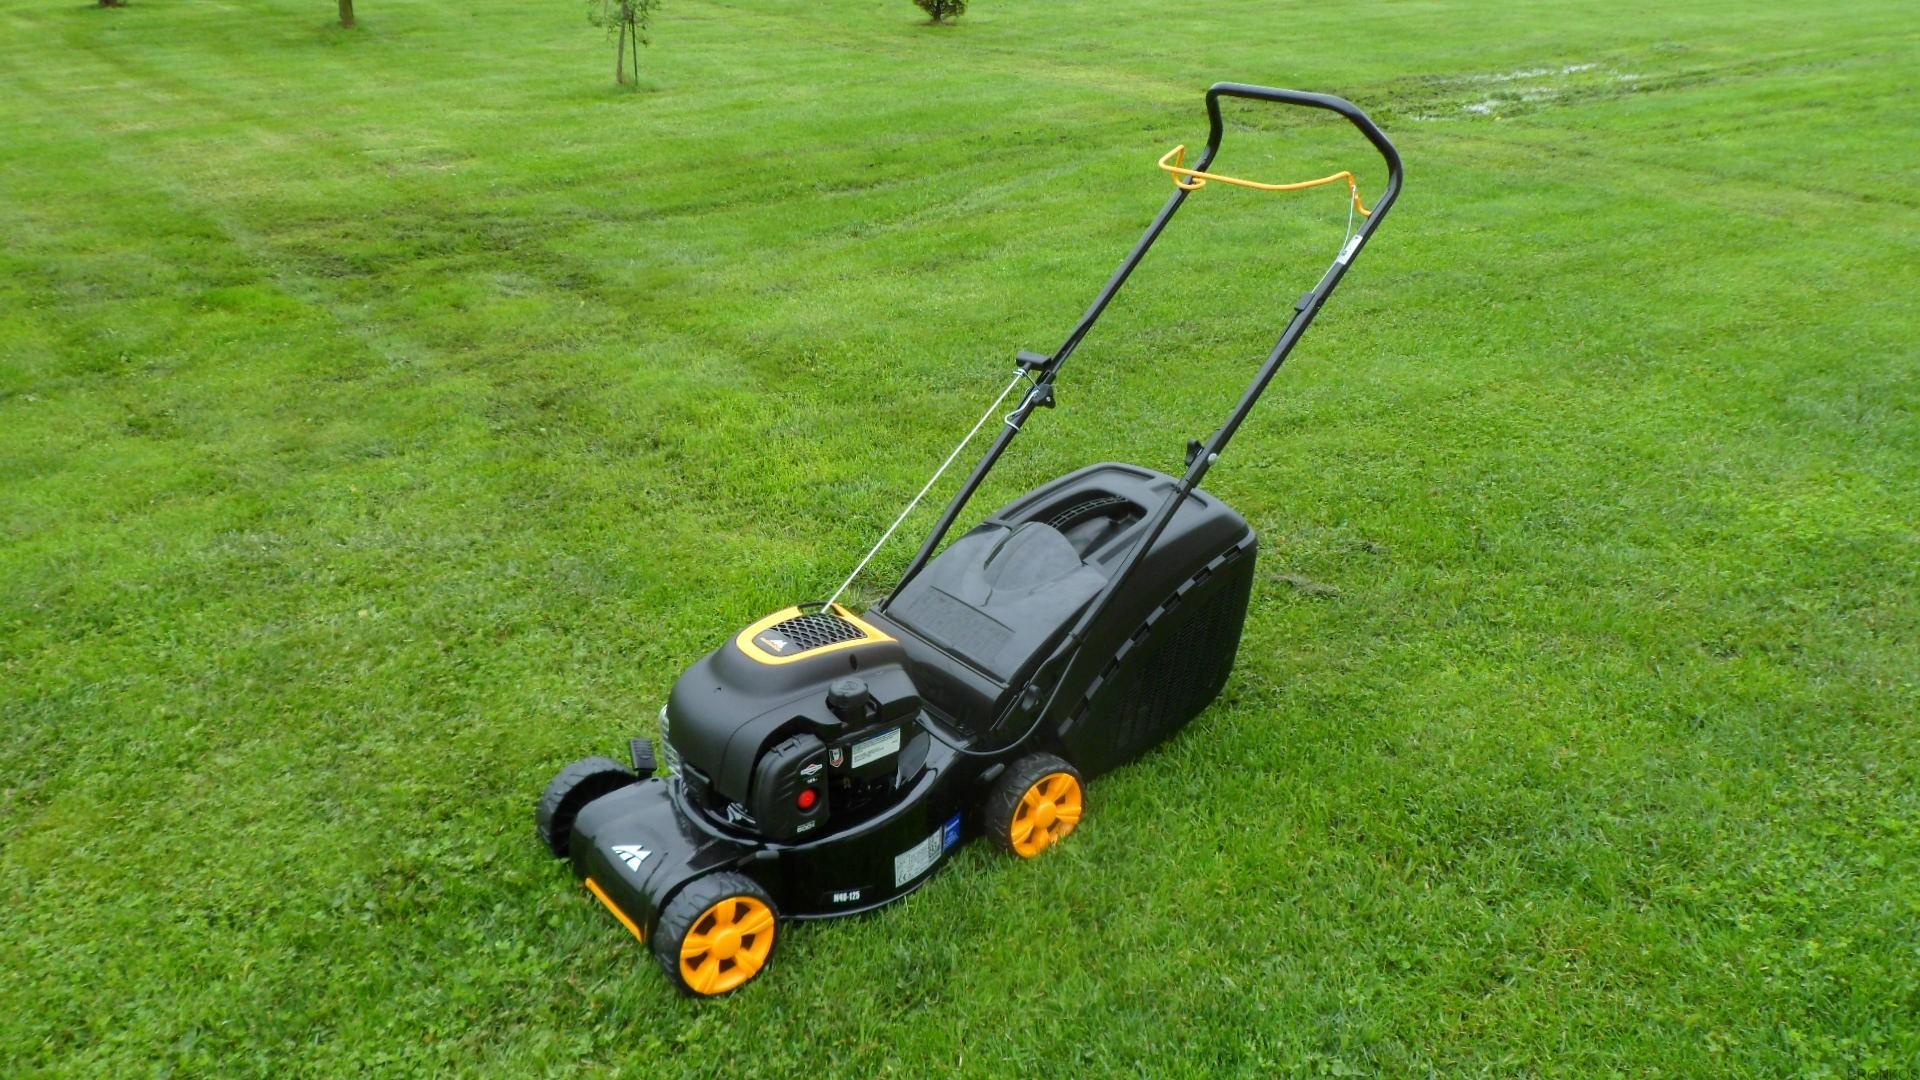 Мульчирование газона газонокосилкой — описание, преимущества и недостатки процесса